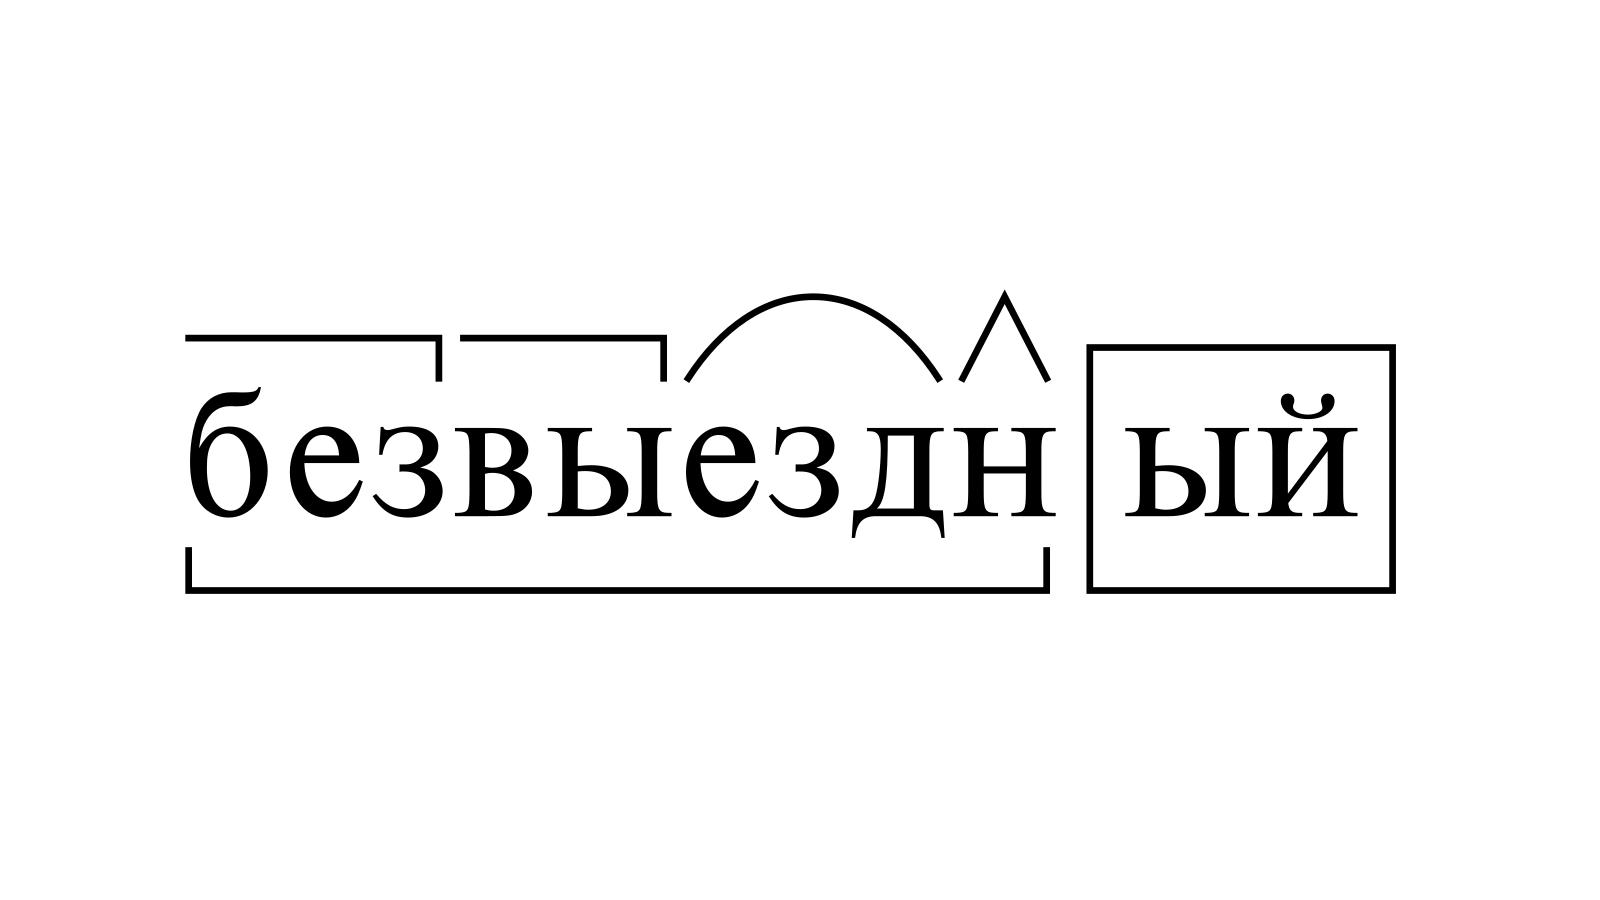 Разбор слова «безвыездный» по составу